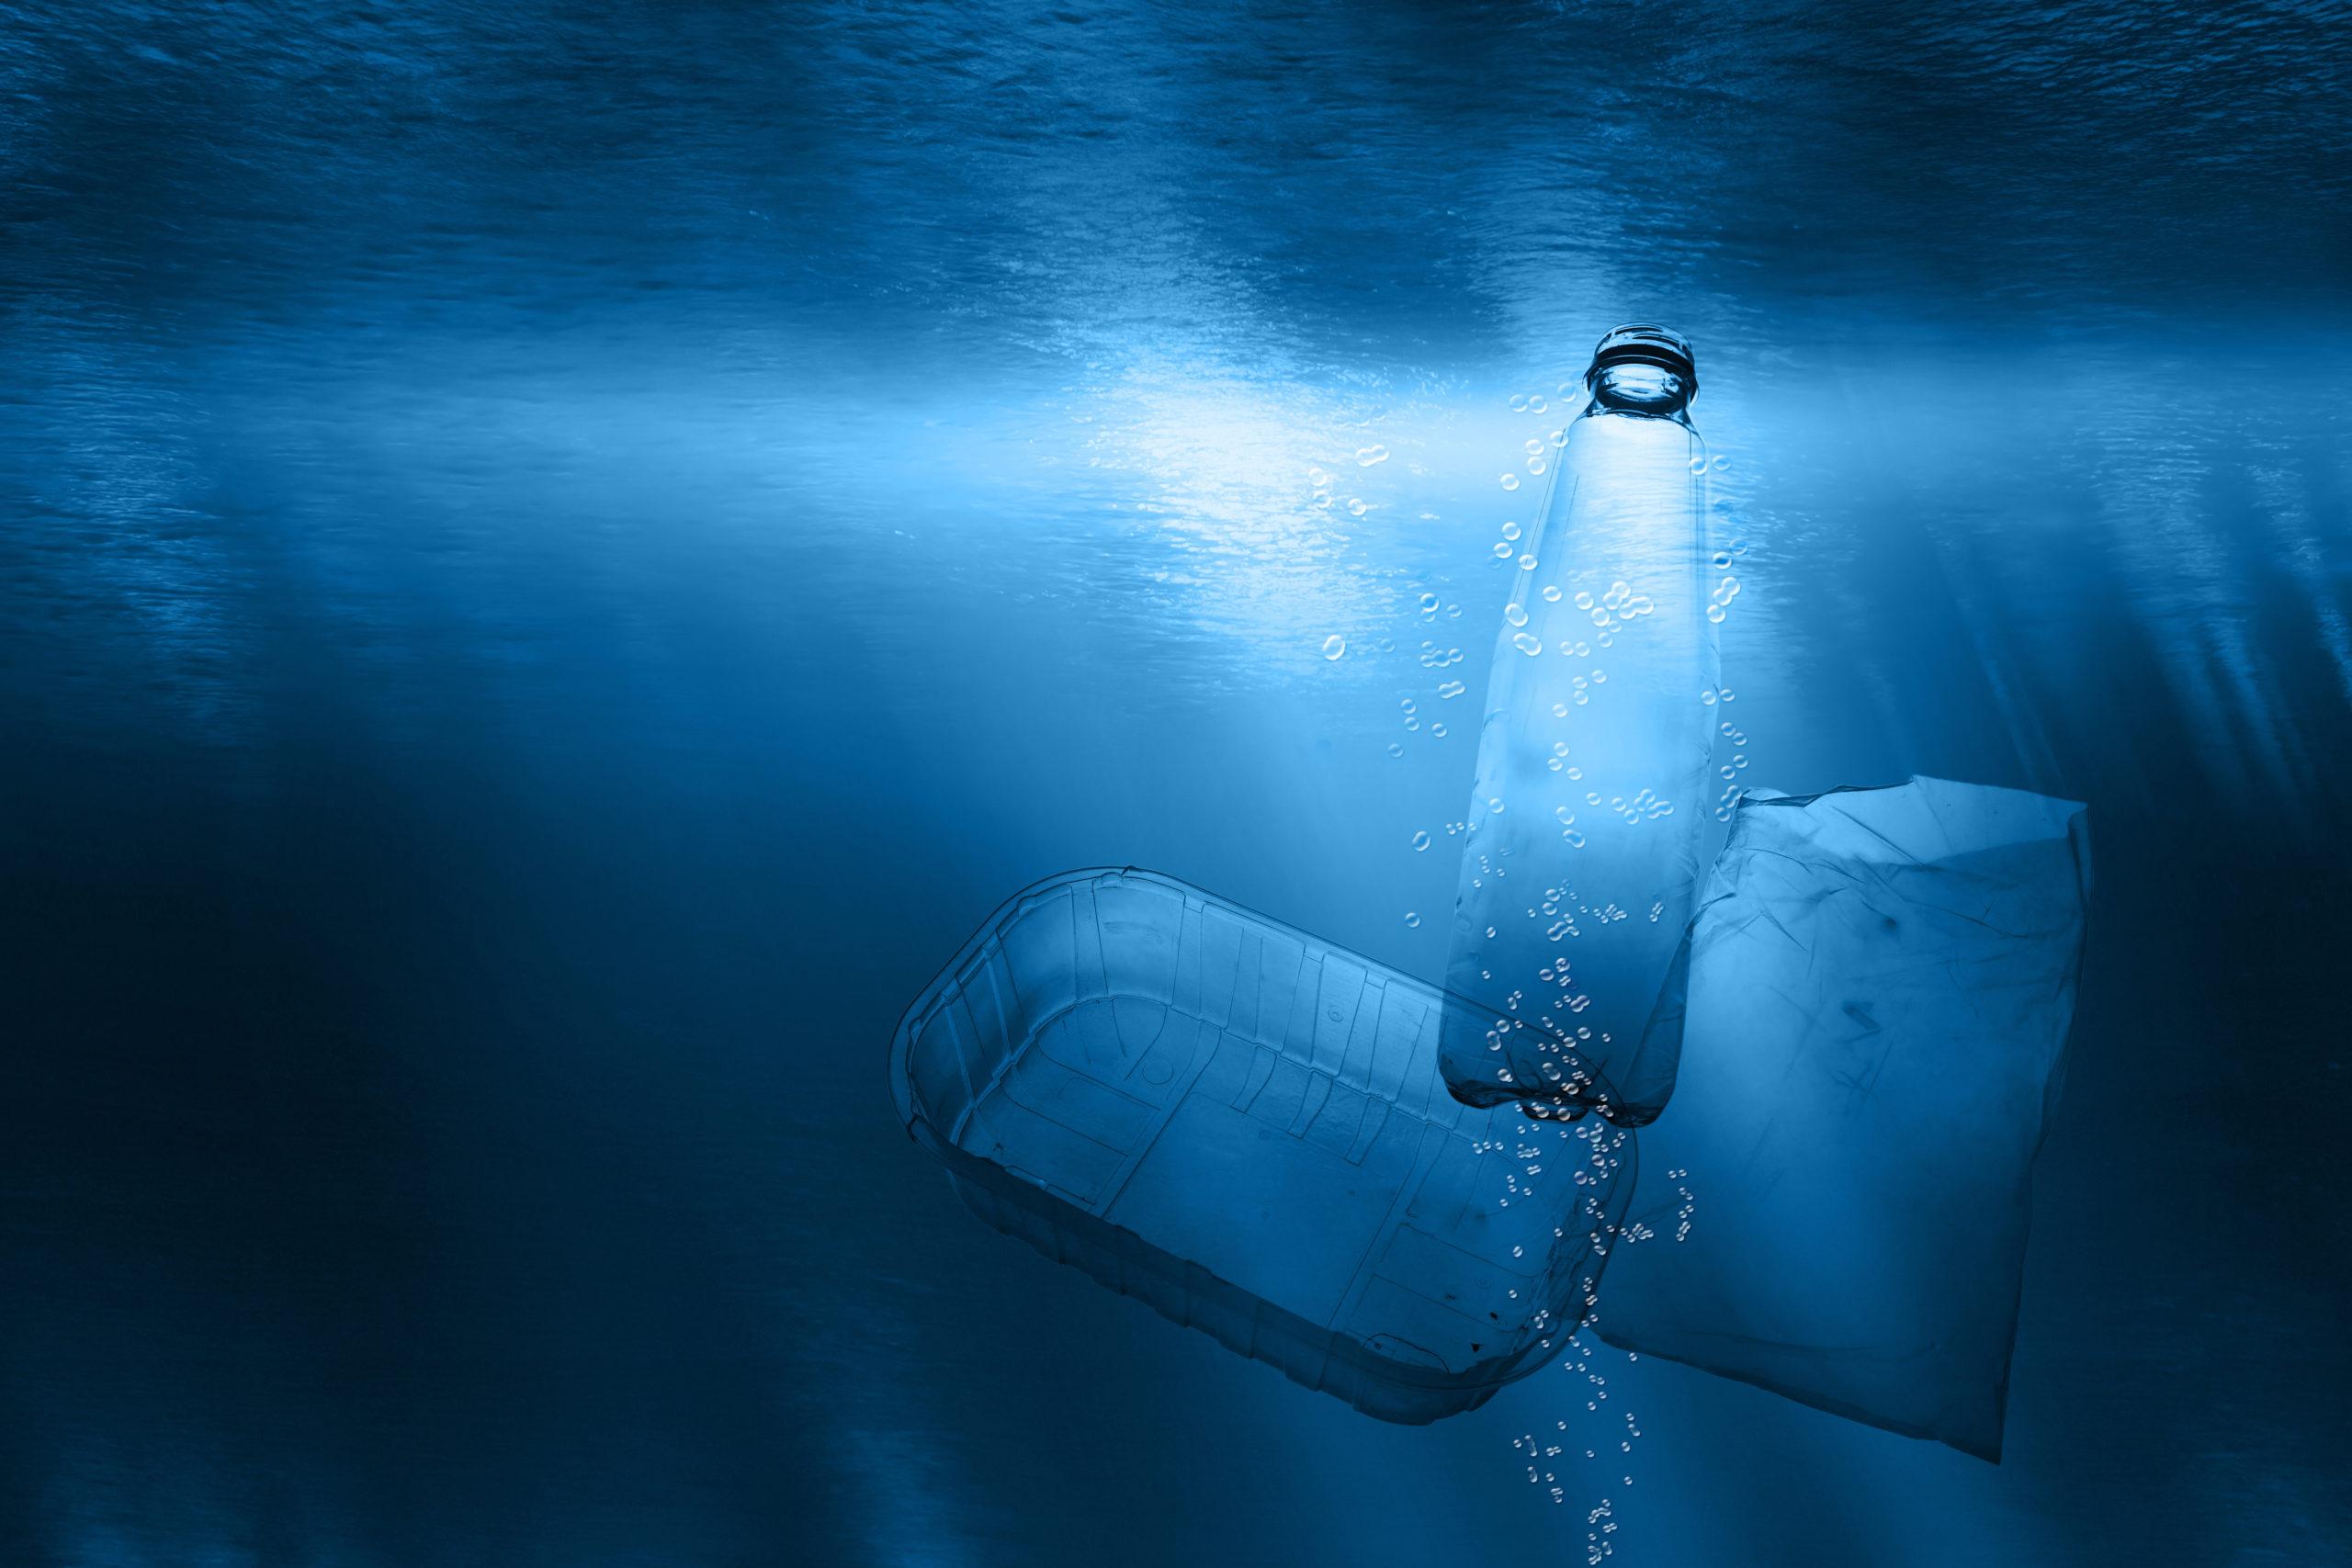 Bacterias superpotentes podrían degradar el plástico ¡en minutos!